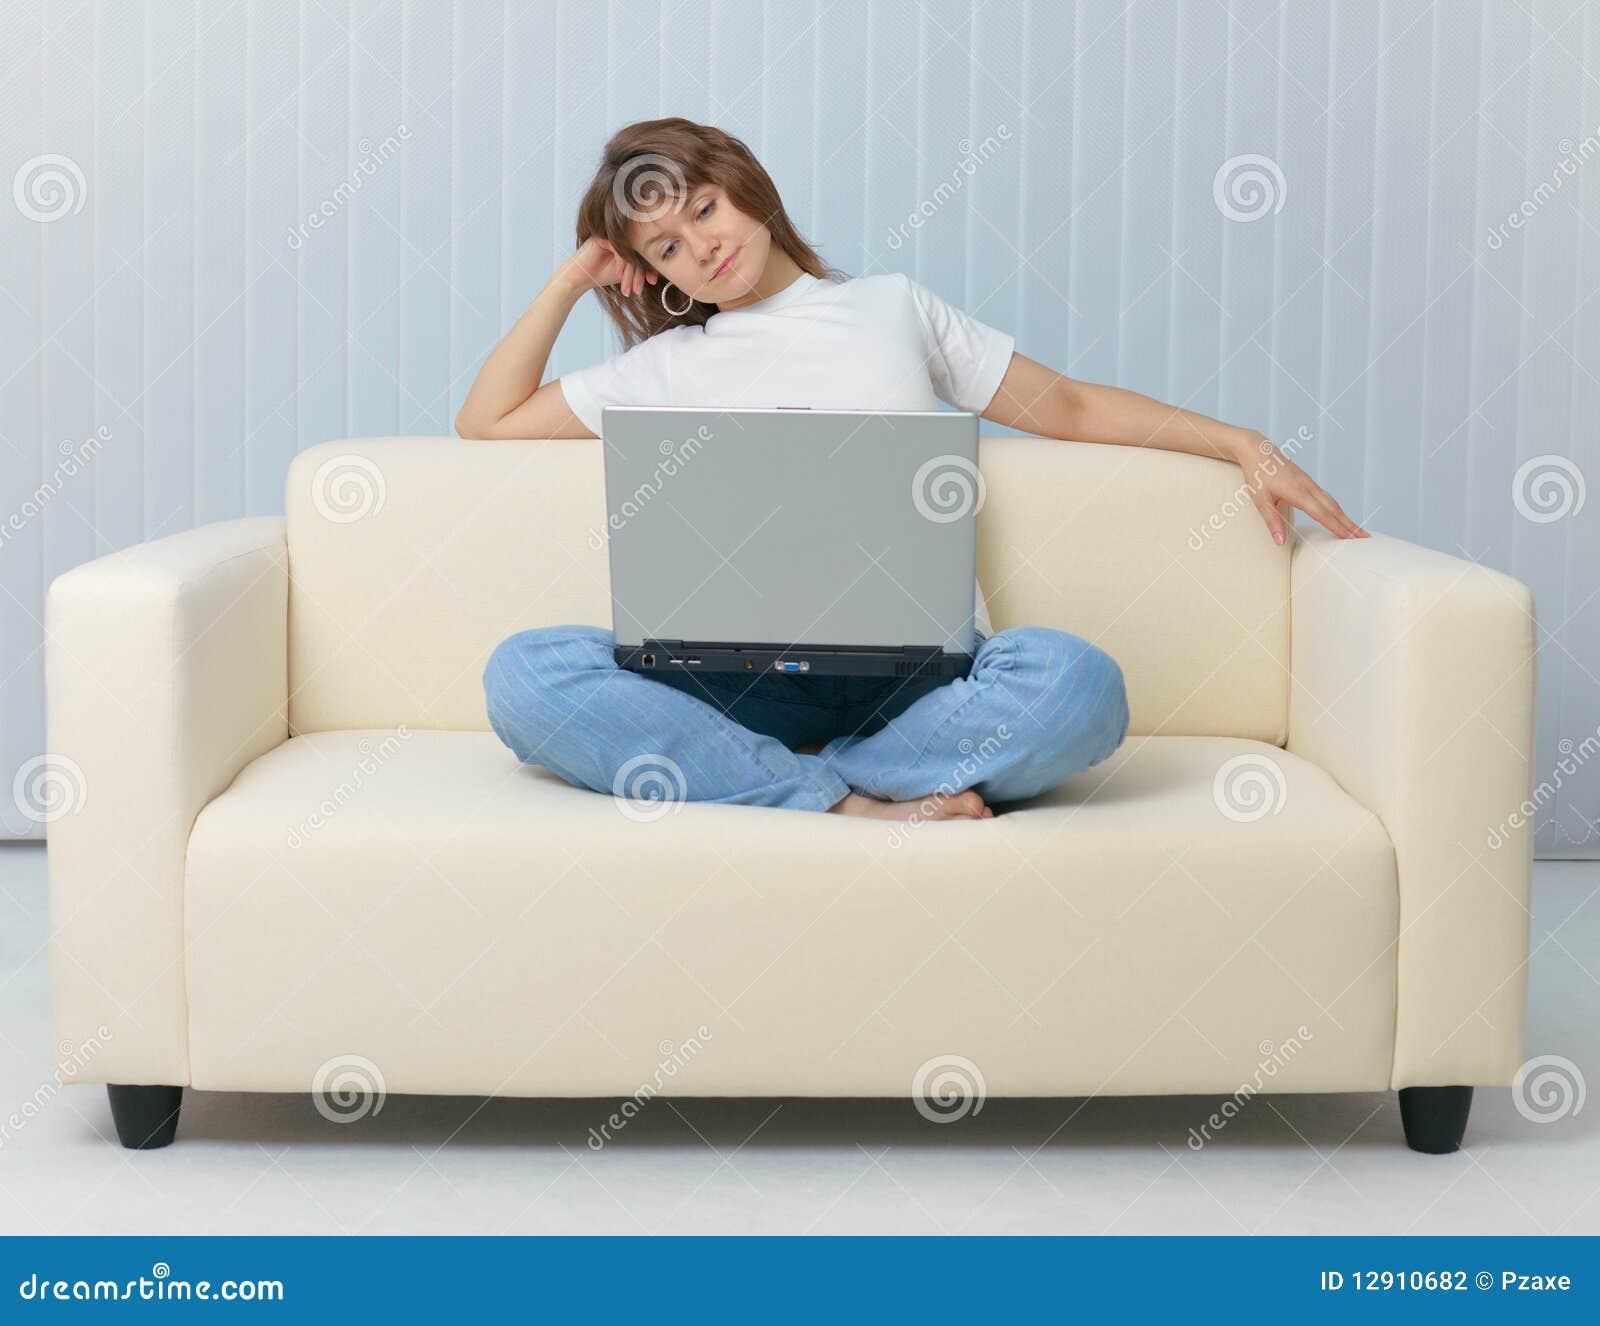 Сидя дома на диване для взрослых 4 фотография